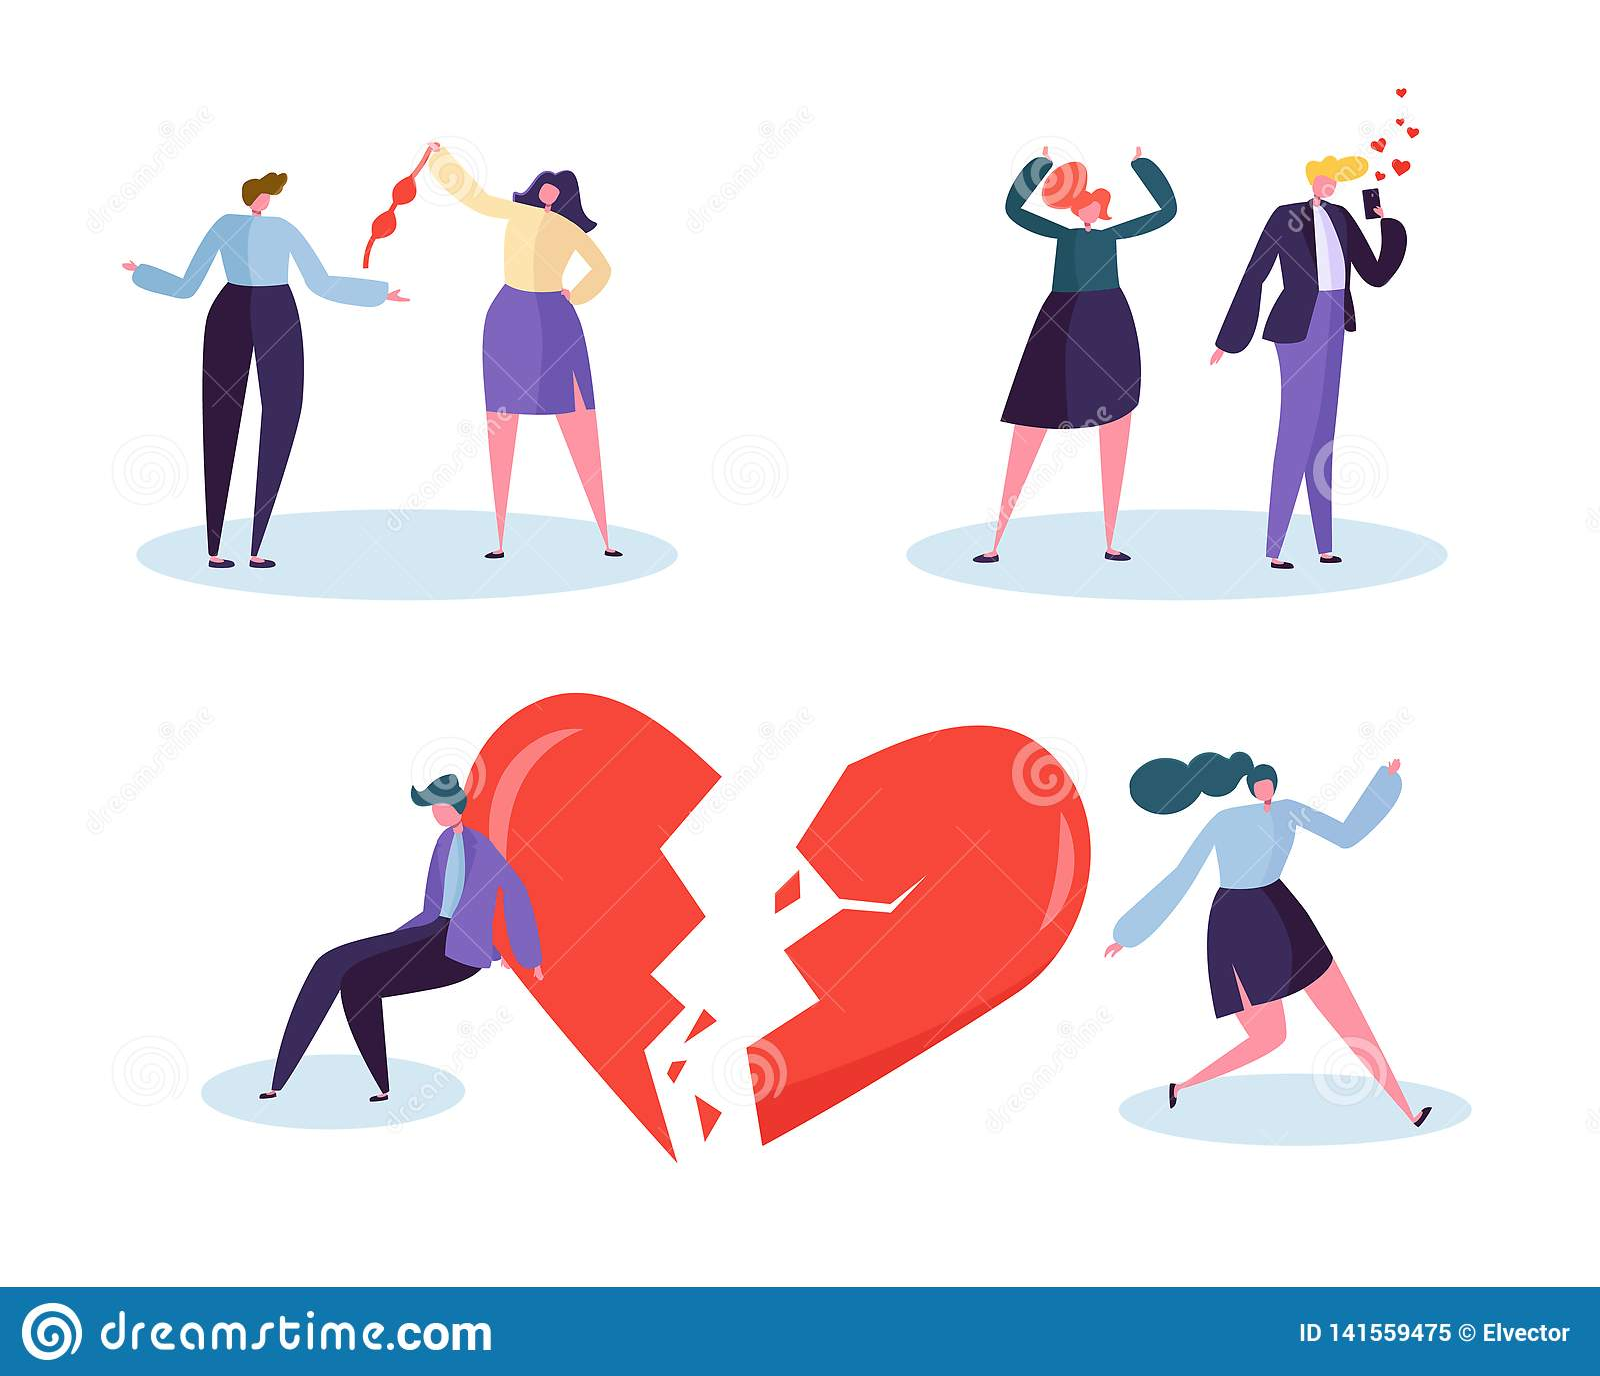 伤心人爱联系概念 不快乐的男性和女性角色嫌疑犯伙伴嫉妒 妻子丈夫谈话